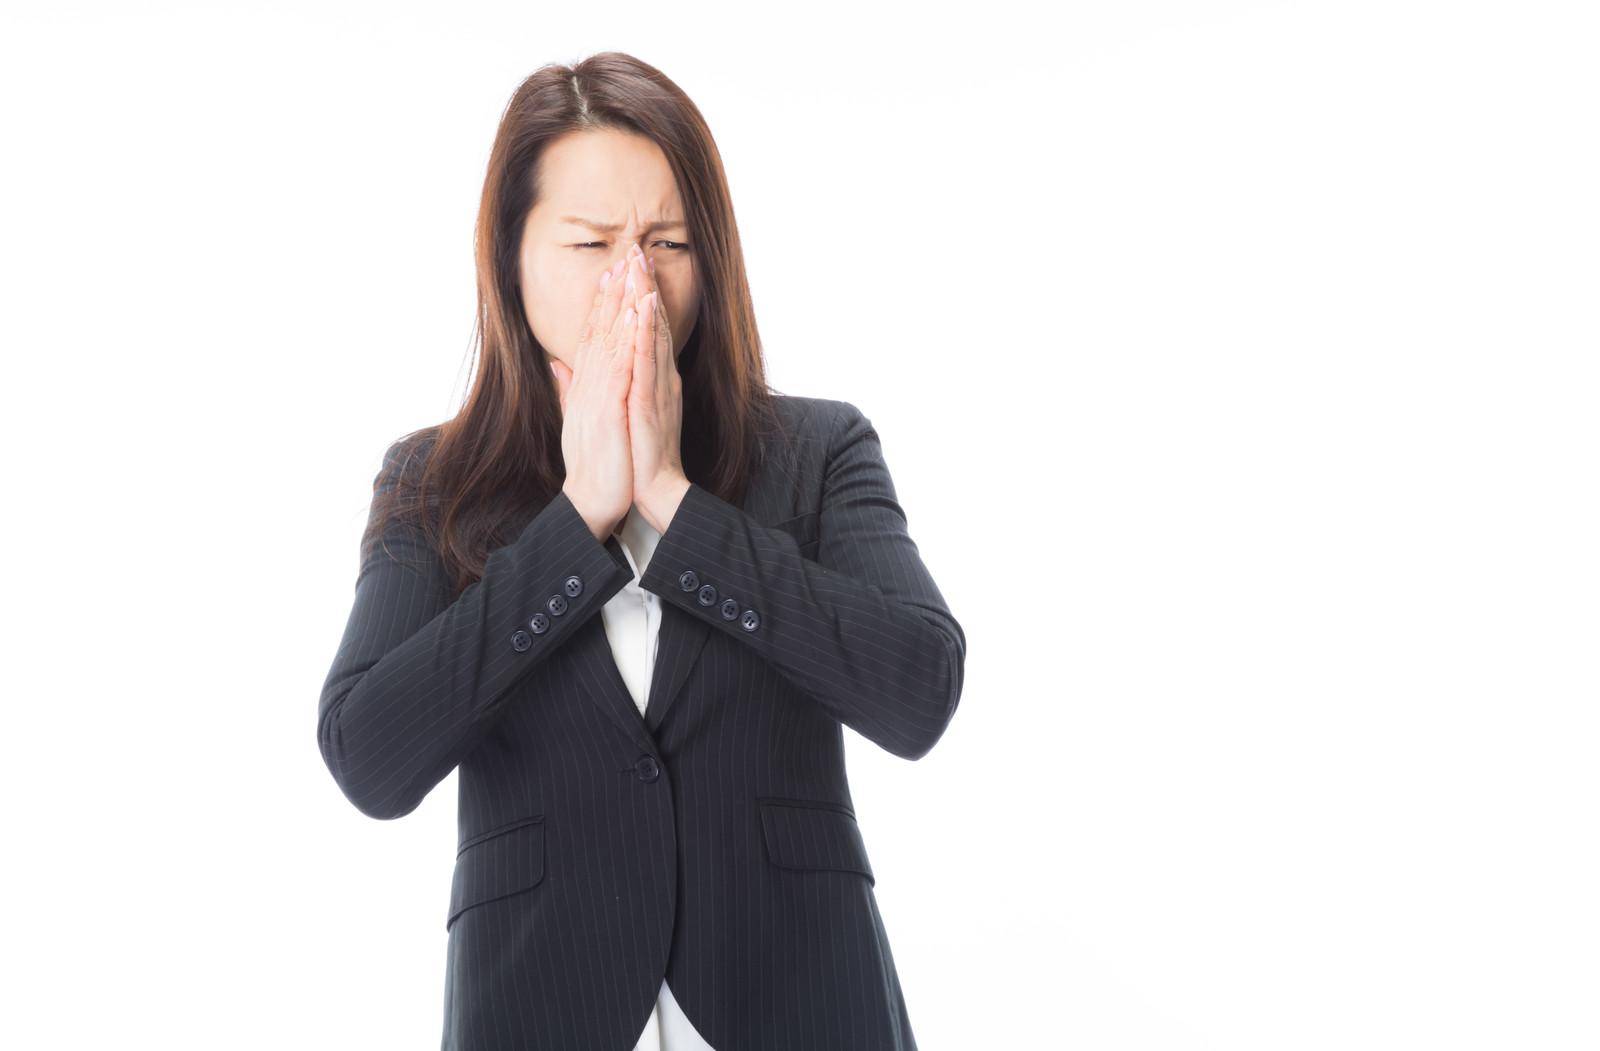 顔をしかめ鼻を覆う女性